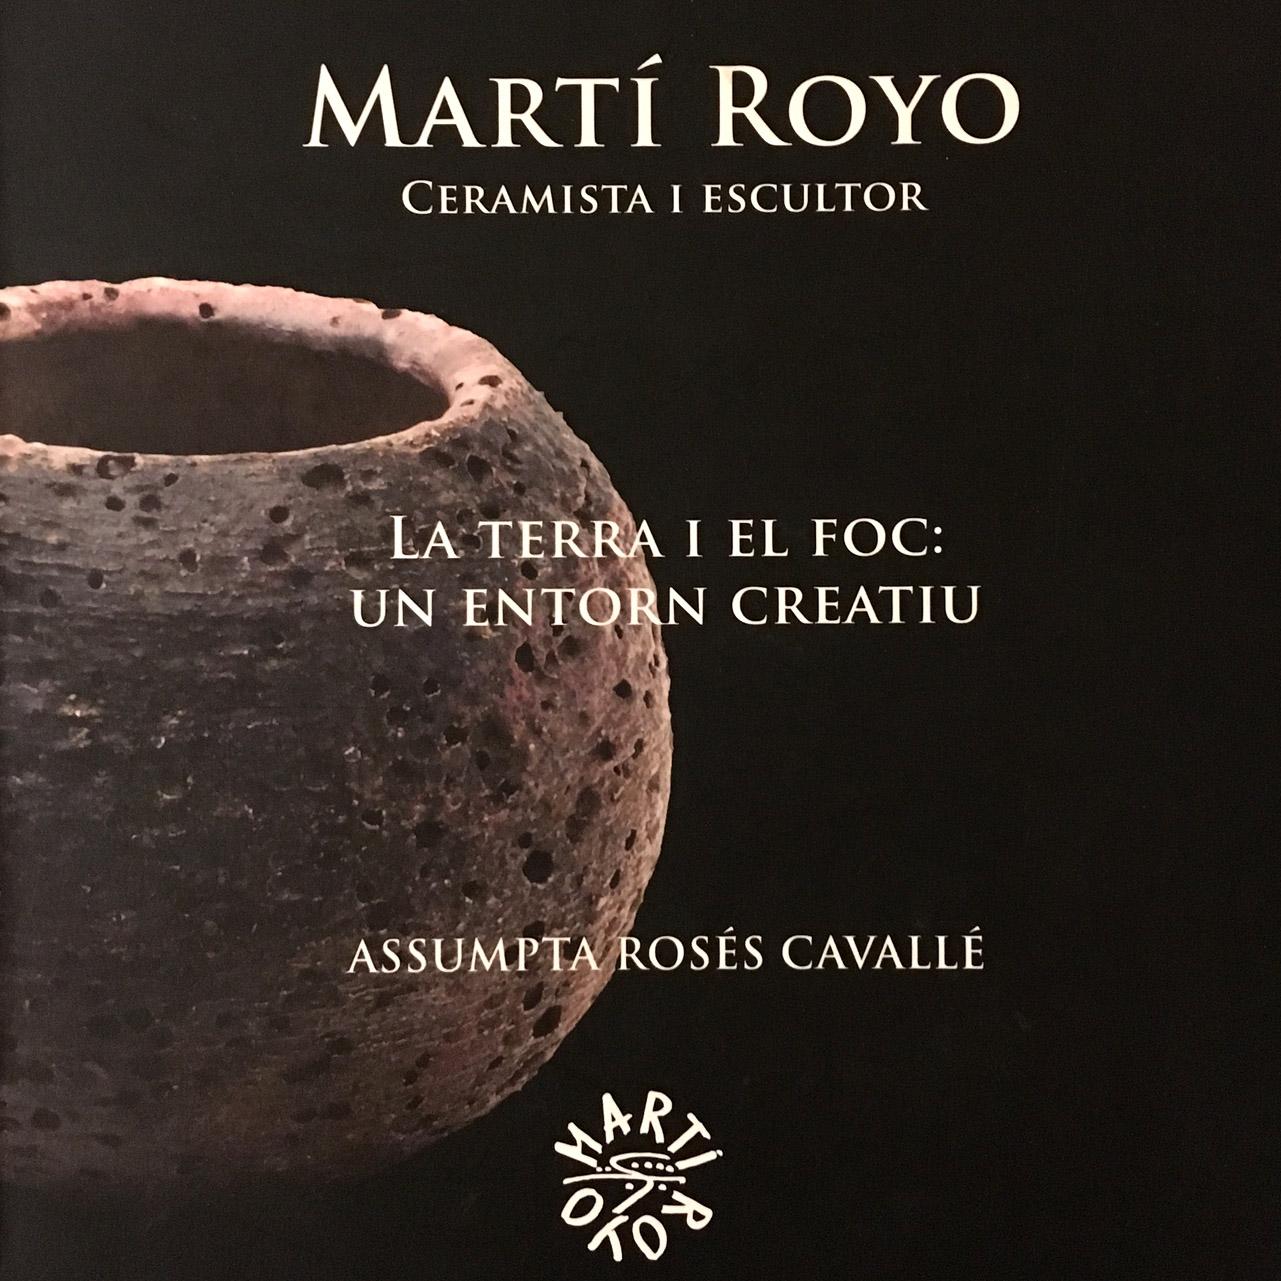 LA TERRA I EL FOC: entorn creatiu de MARTÍ ROYO